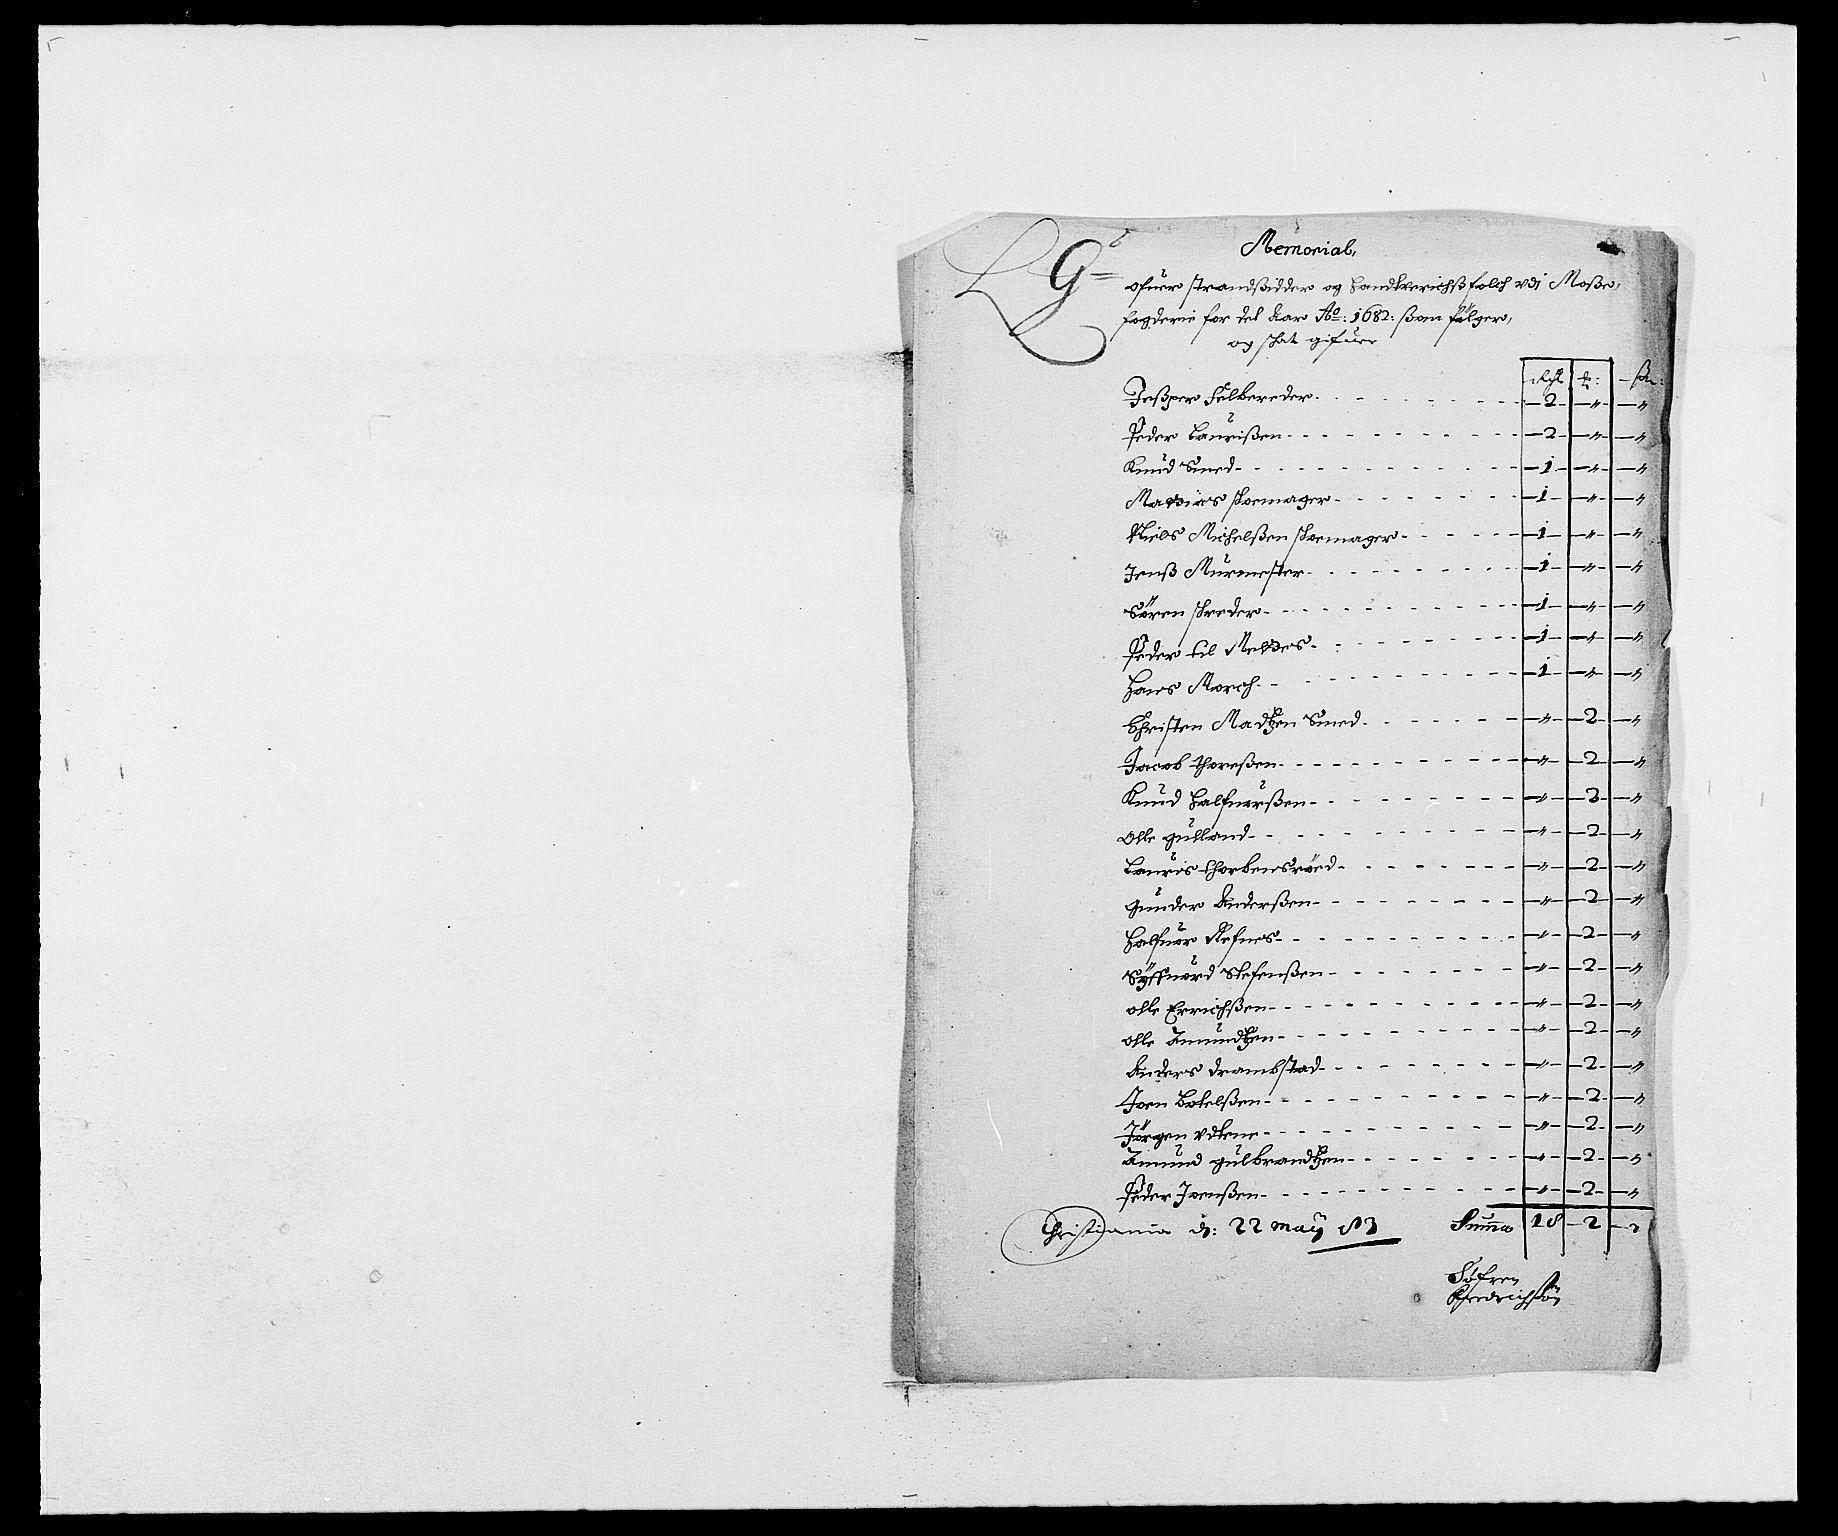 RA, Rentekammeret inntil 1814, Reviderte regnskaper, Fogderegnskap, R02/L0103: Fogderegnskap Moss og Verne kloster, 1682-1684, s. 224